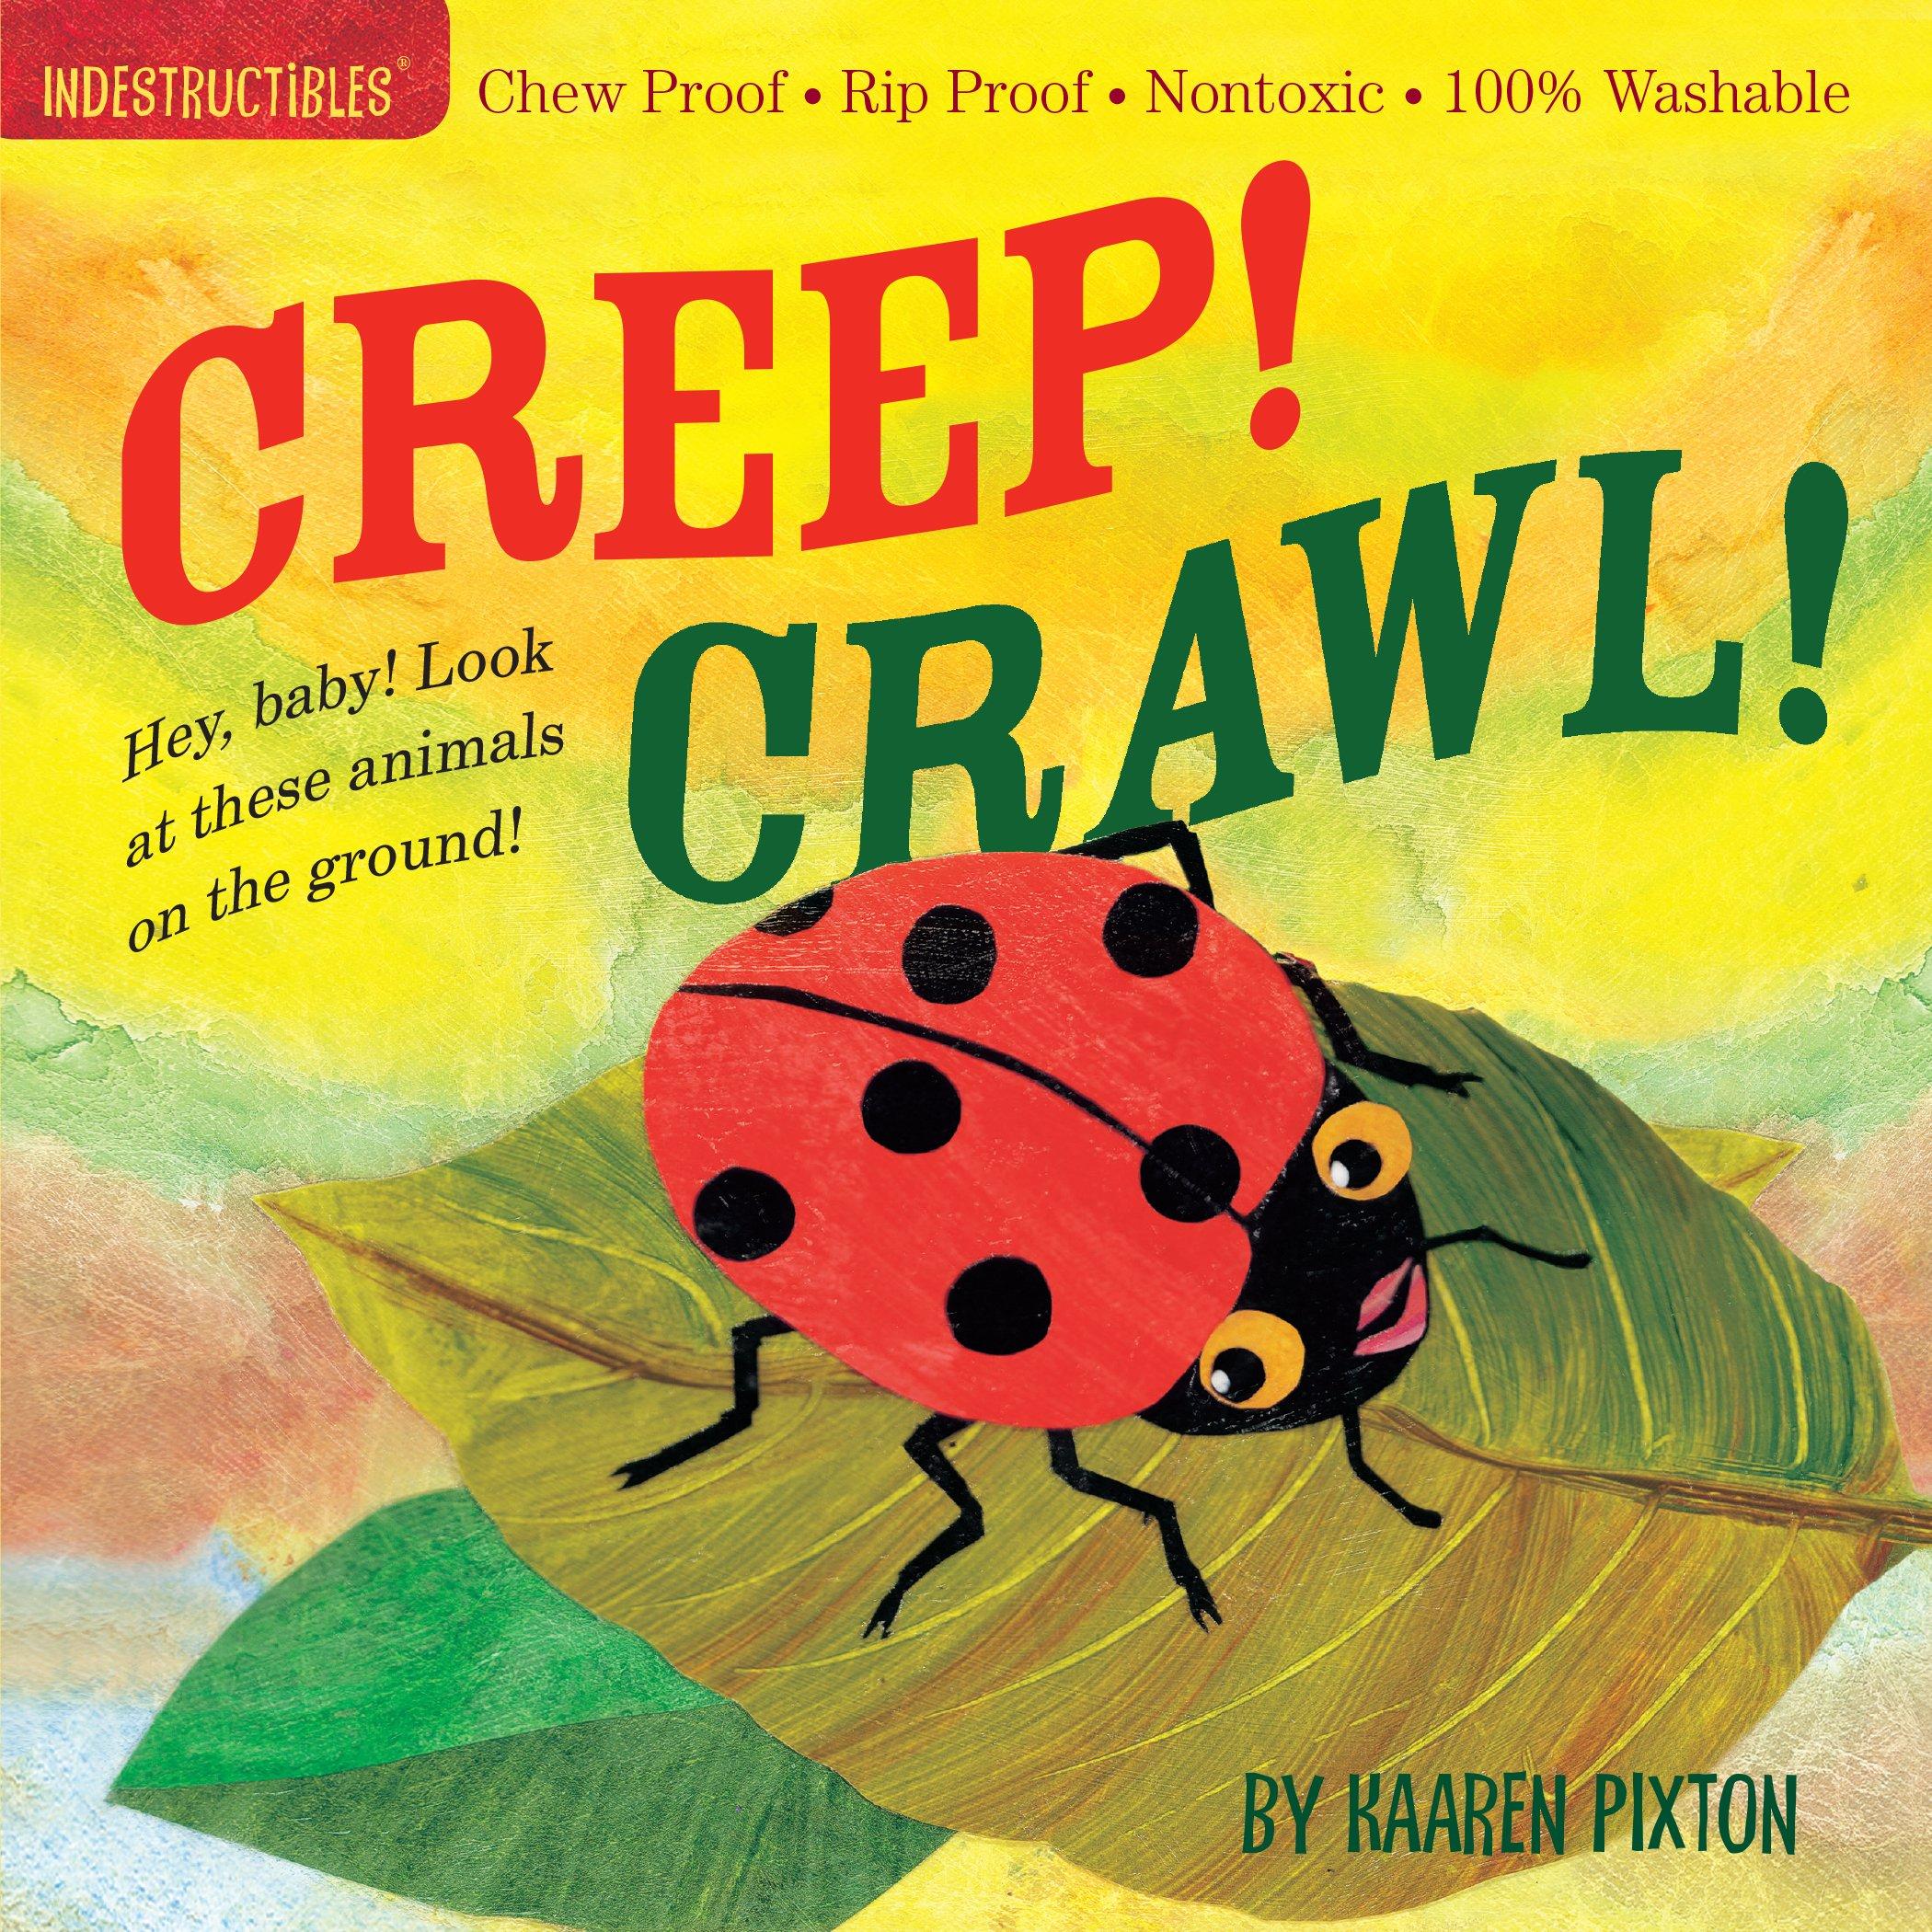 Indestructibles Creep Crawl Kaaren Pixton product image